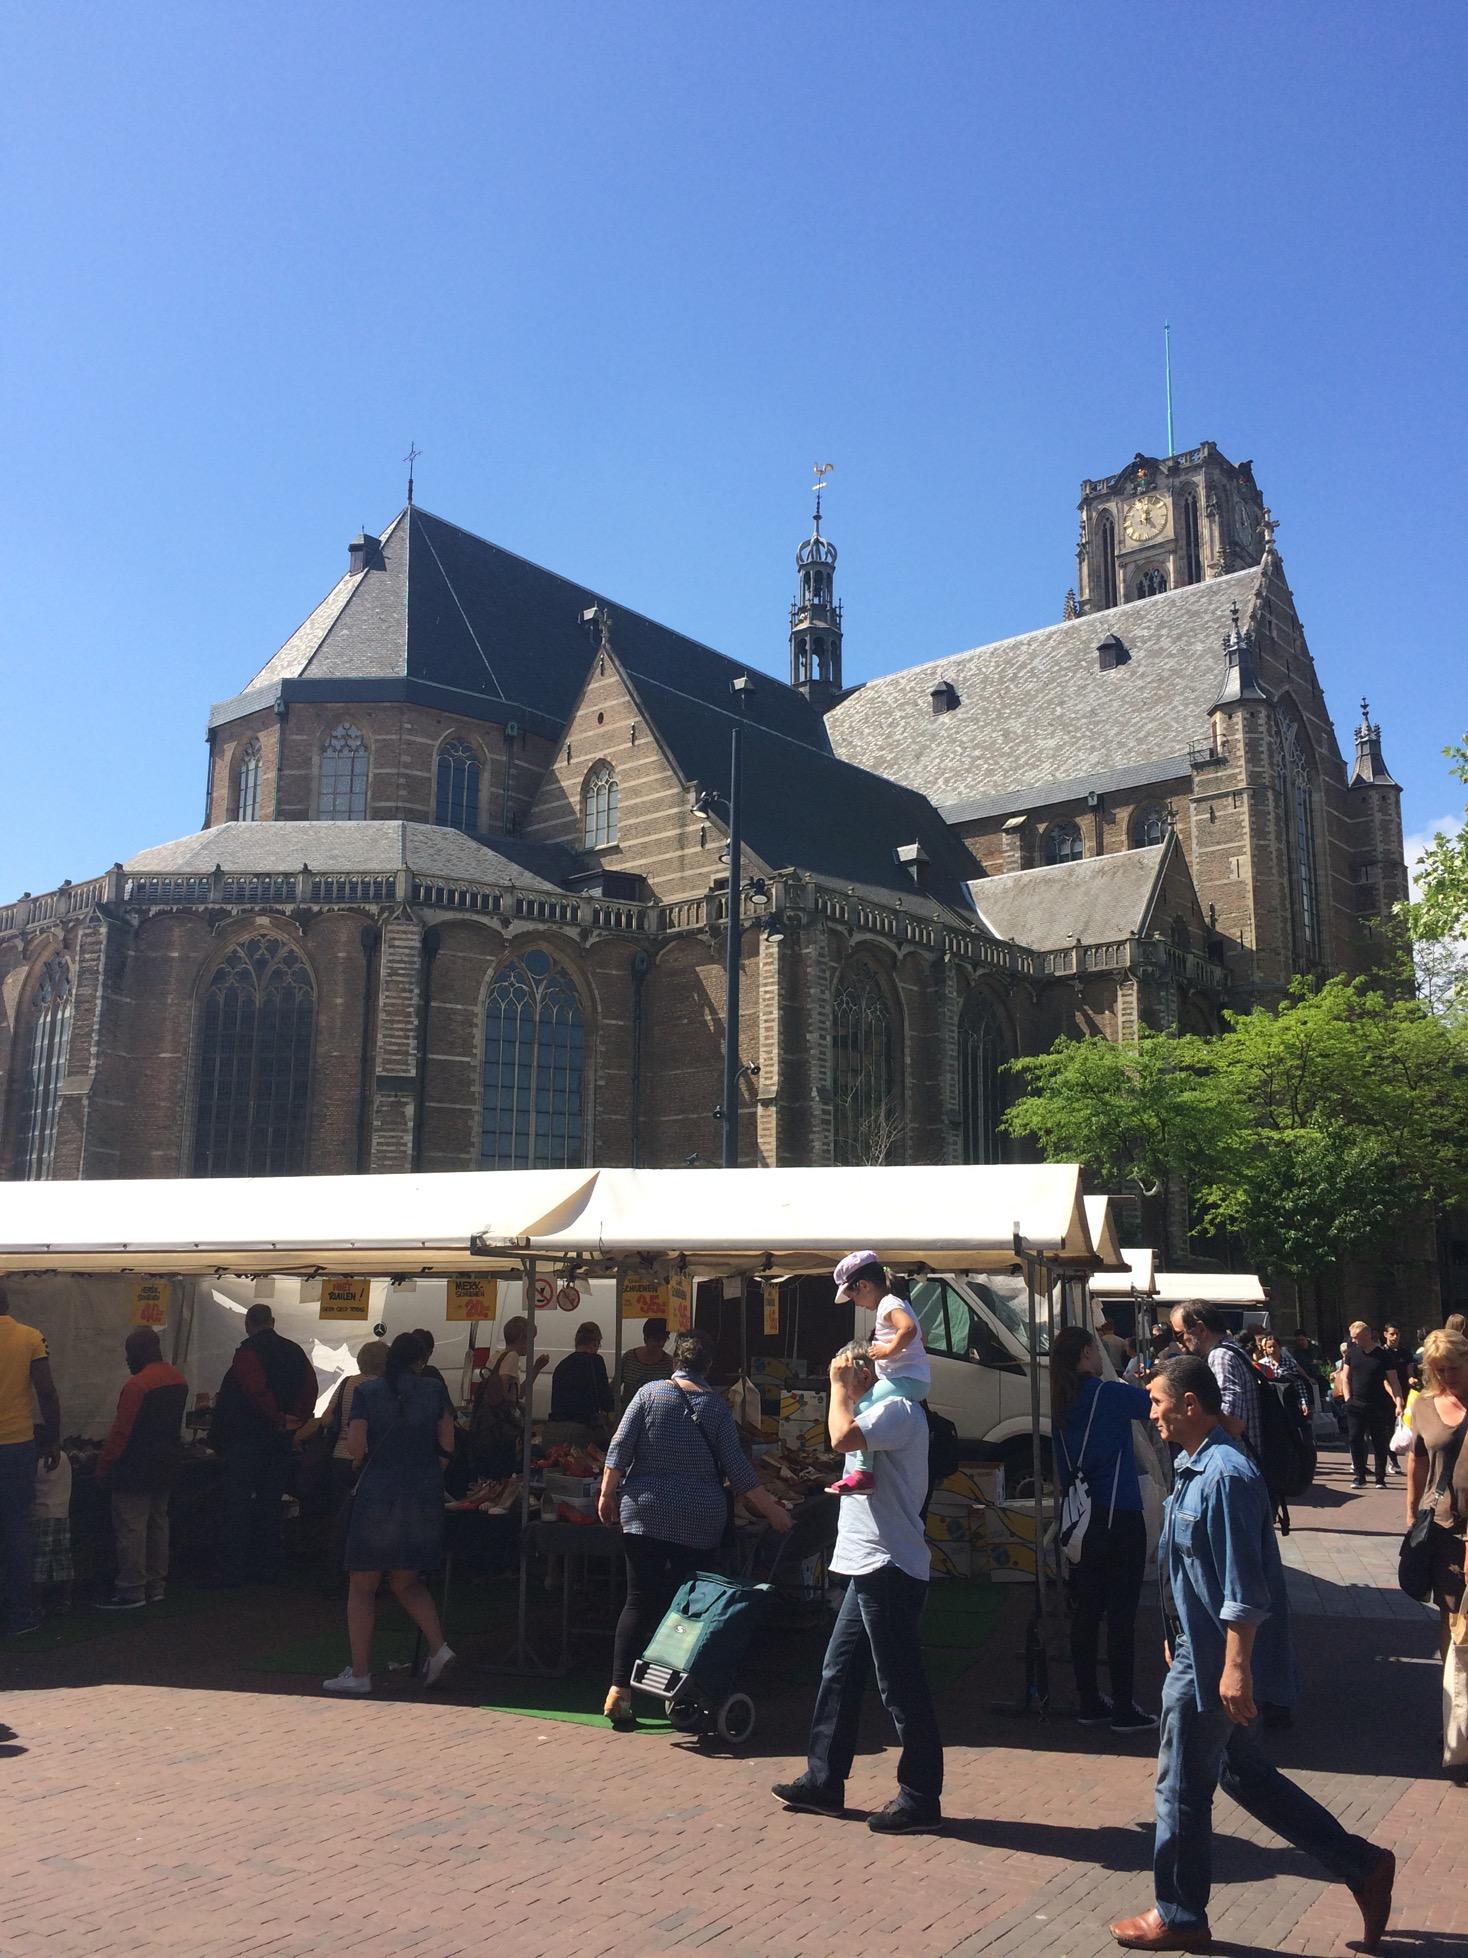 Laurenskerk, Rotterdam, the Netherlands